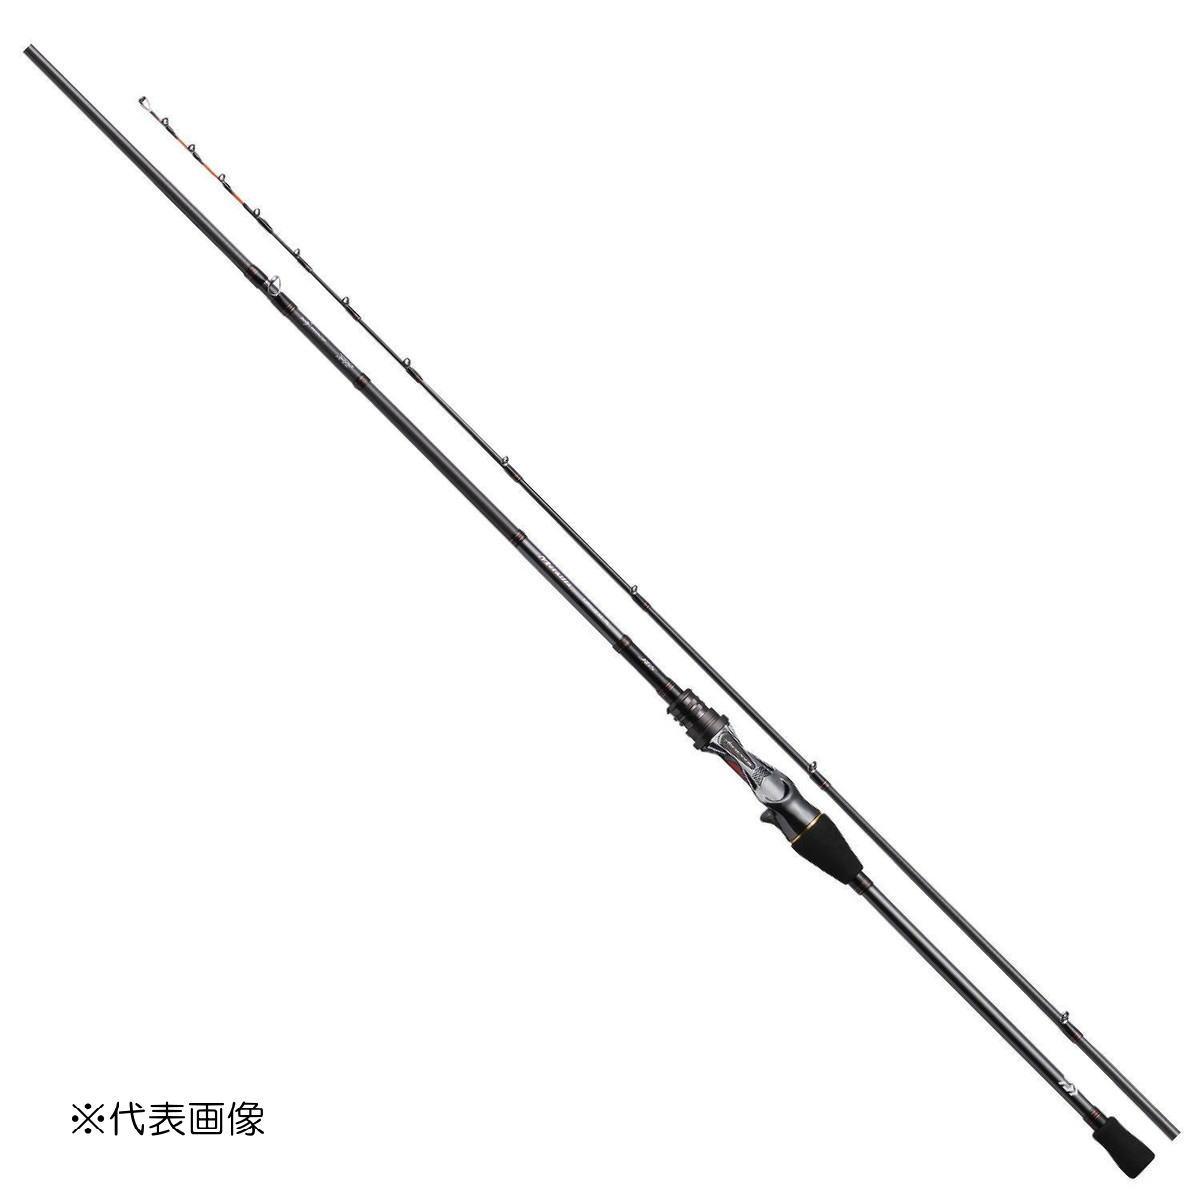 【送料無料5】ダイワ ロッド '18 メタリア カワハギ S/MH‐175